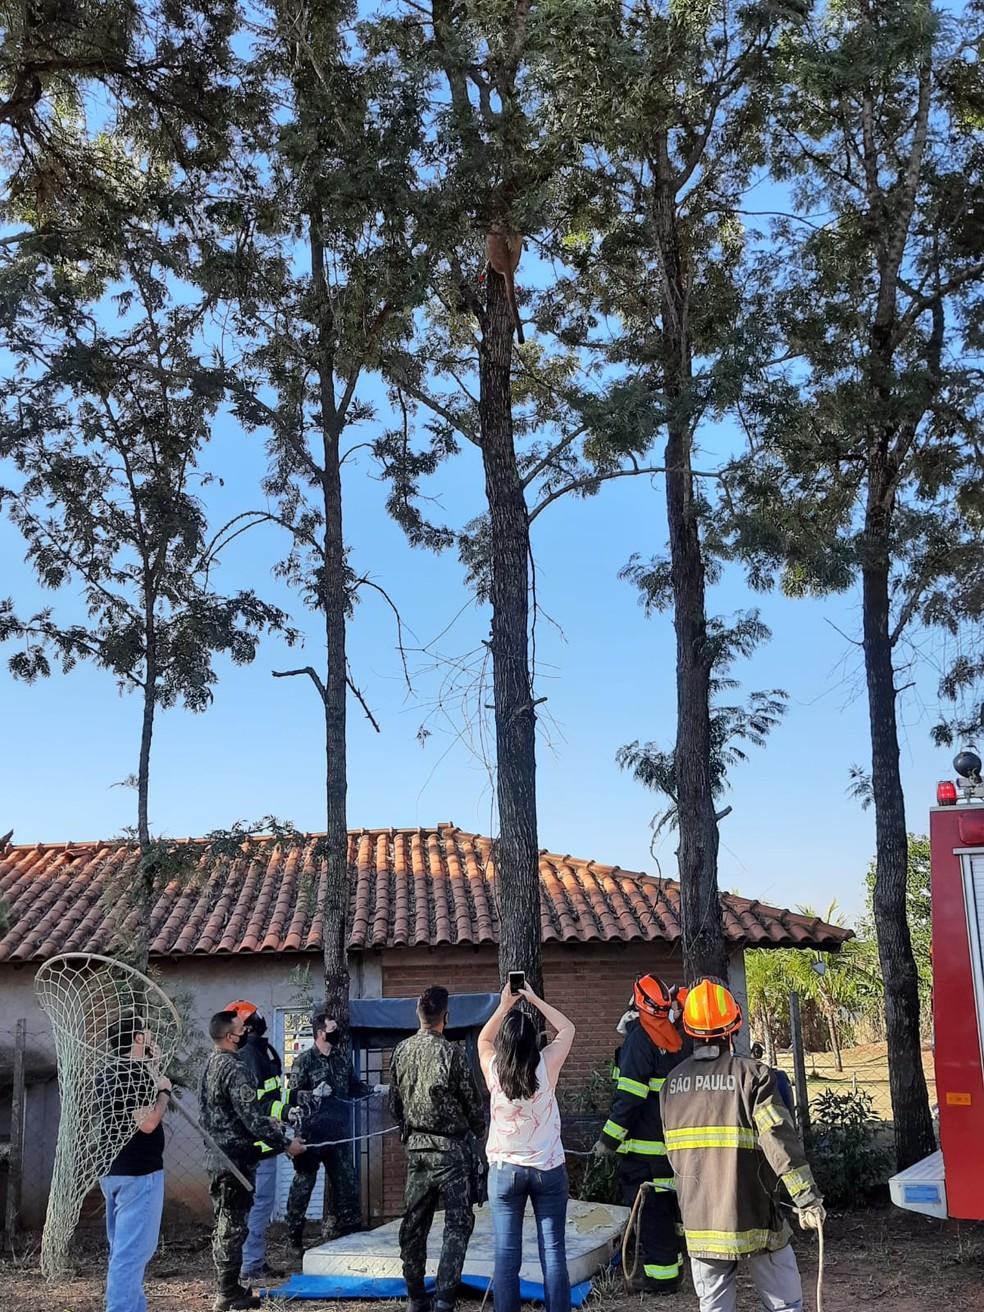 Onça parda é encontrada em cima de uma árvore em hípica na zona rural de Marília (SP) — Foto: Anderson Camargo/ TV TEM